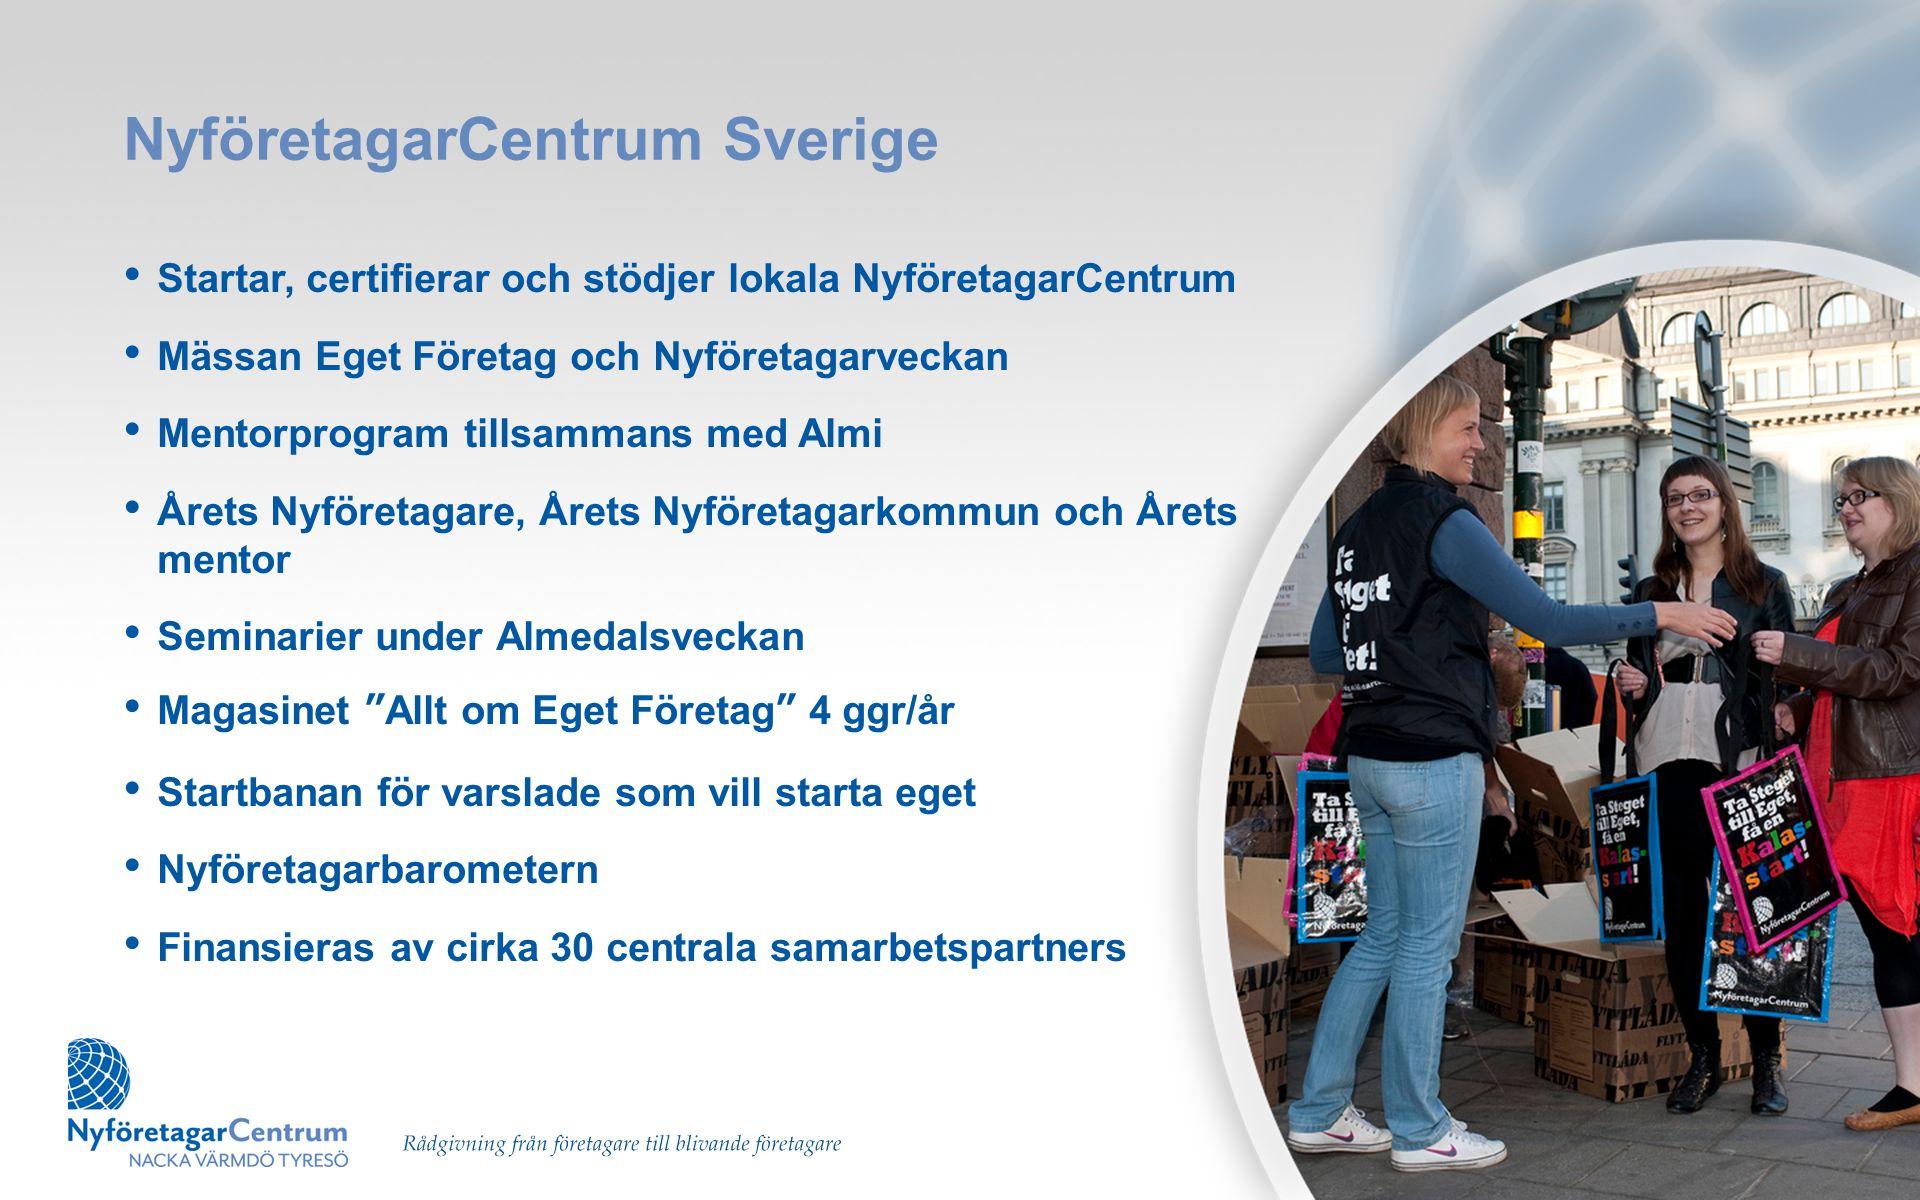 Verksamheten i Nacka Värmdö Tyresö • Certifierat NyföretagarCentrum med diplomerade rådgivare • Omfattar Nacka, Värmdö och Tyresö med sammanlagt ca.